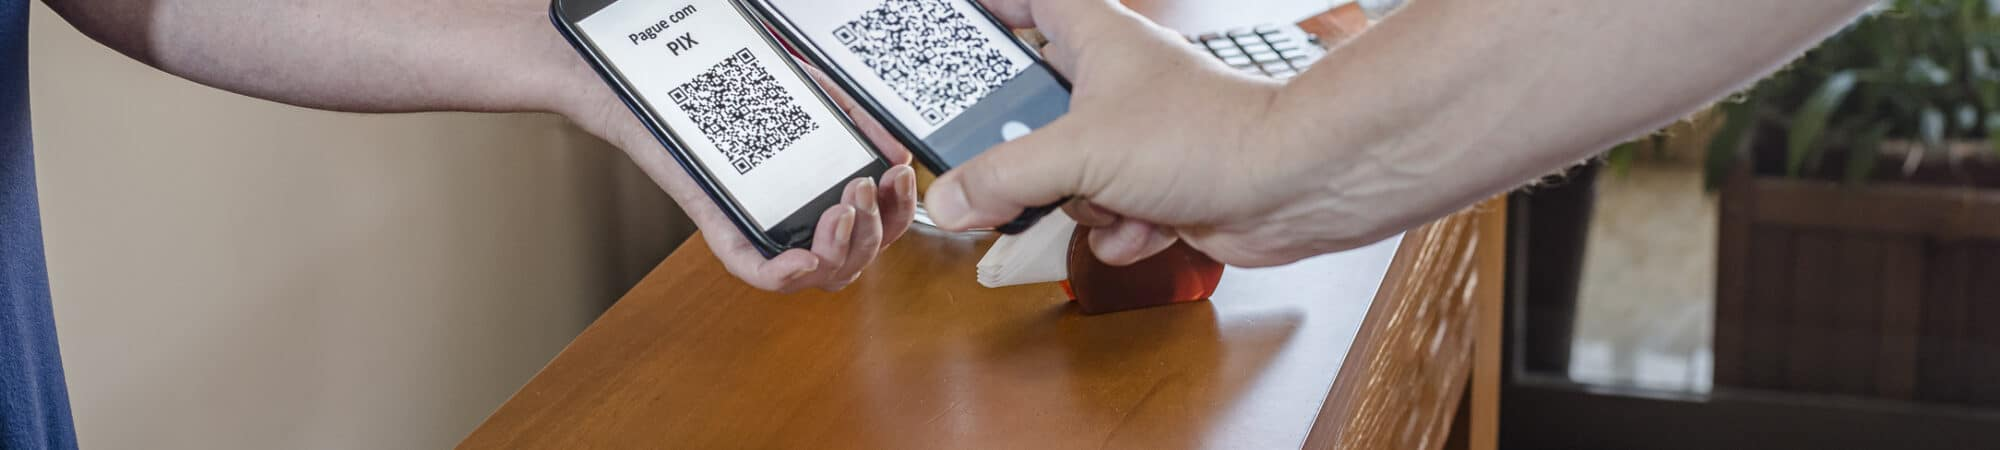 PIX pode ser usado para pagamento da Guia do Documento de Arrecadação do Simples Doméstico